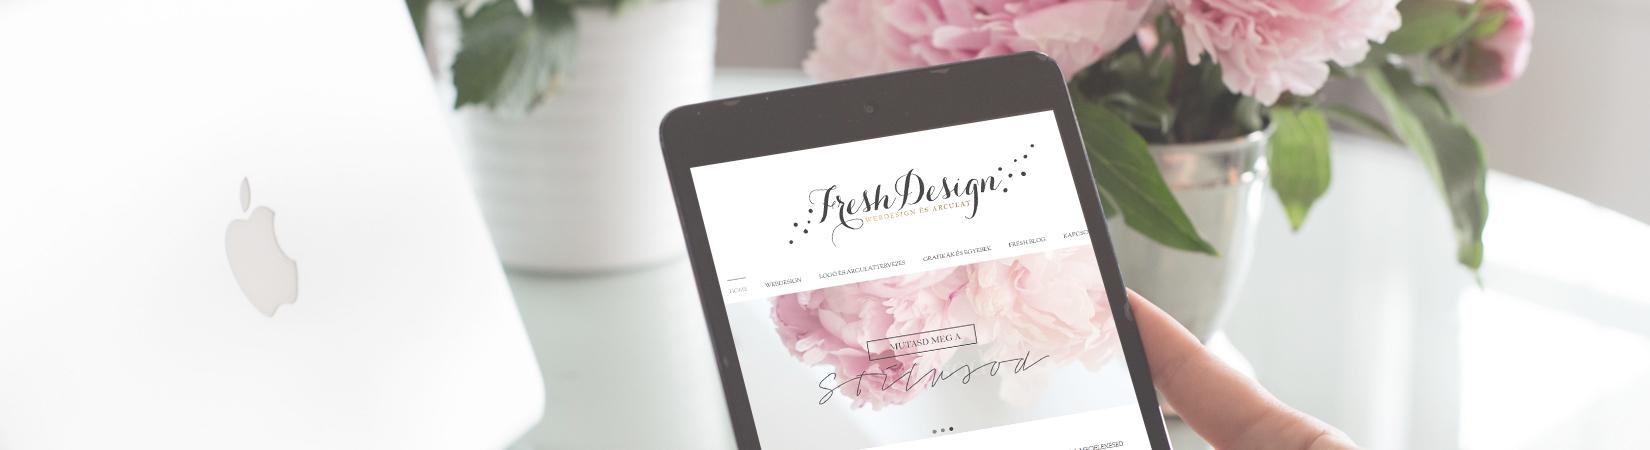 webdesign_kep